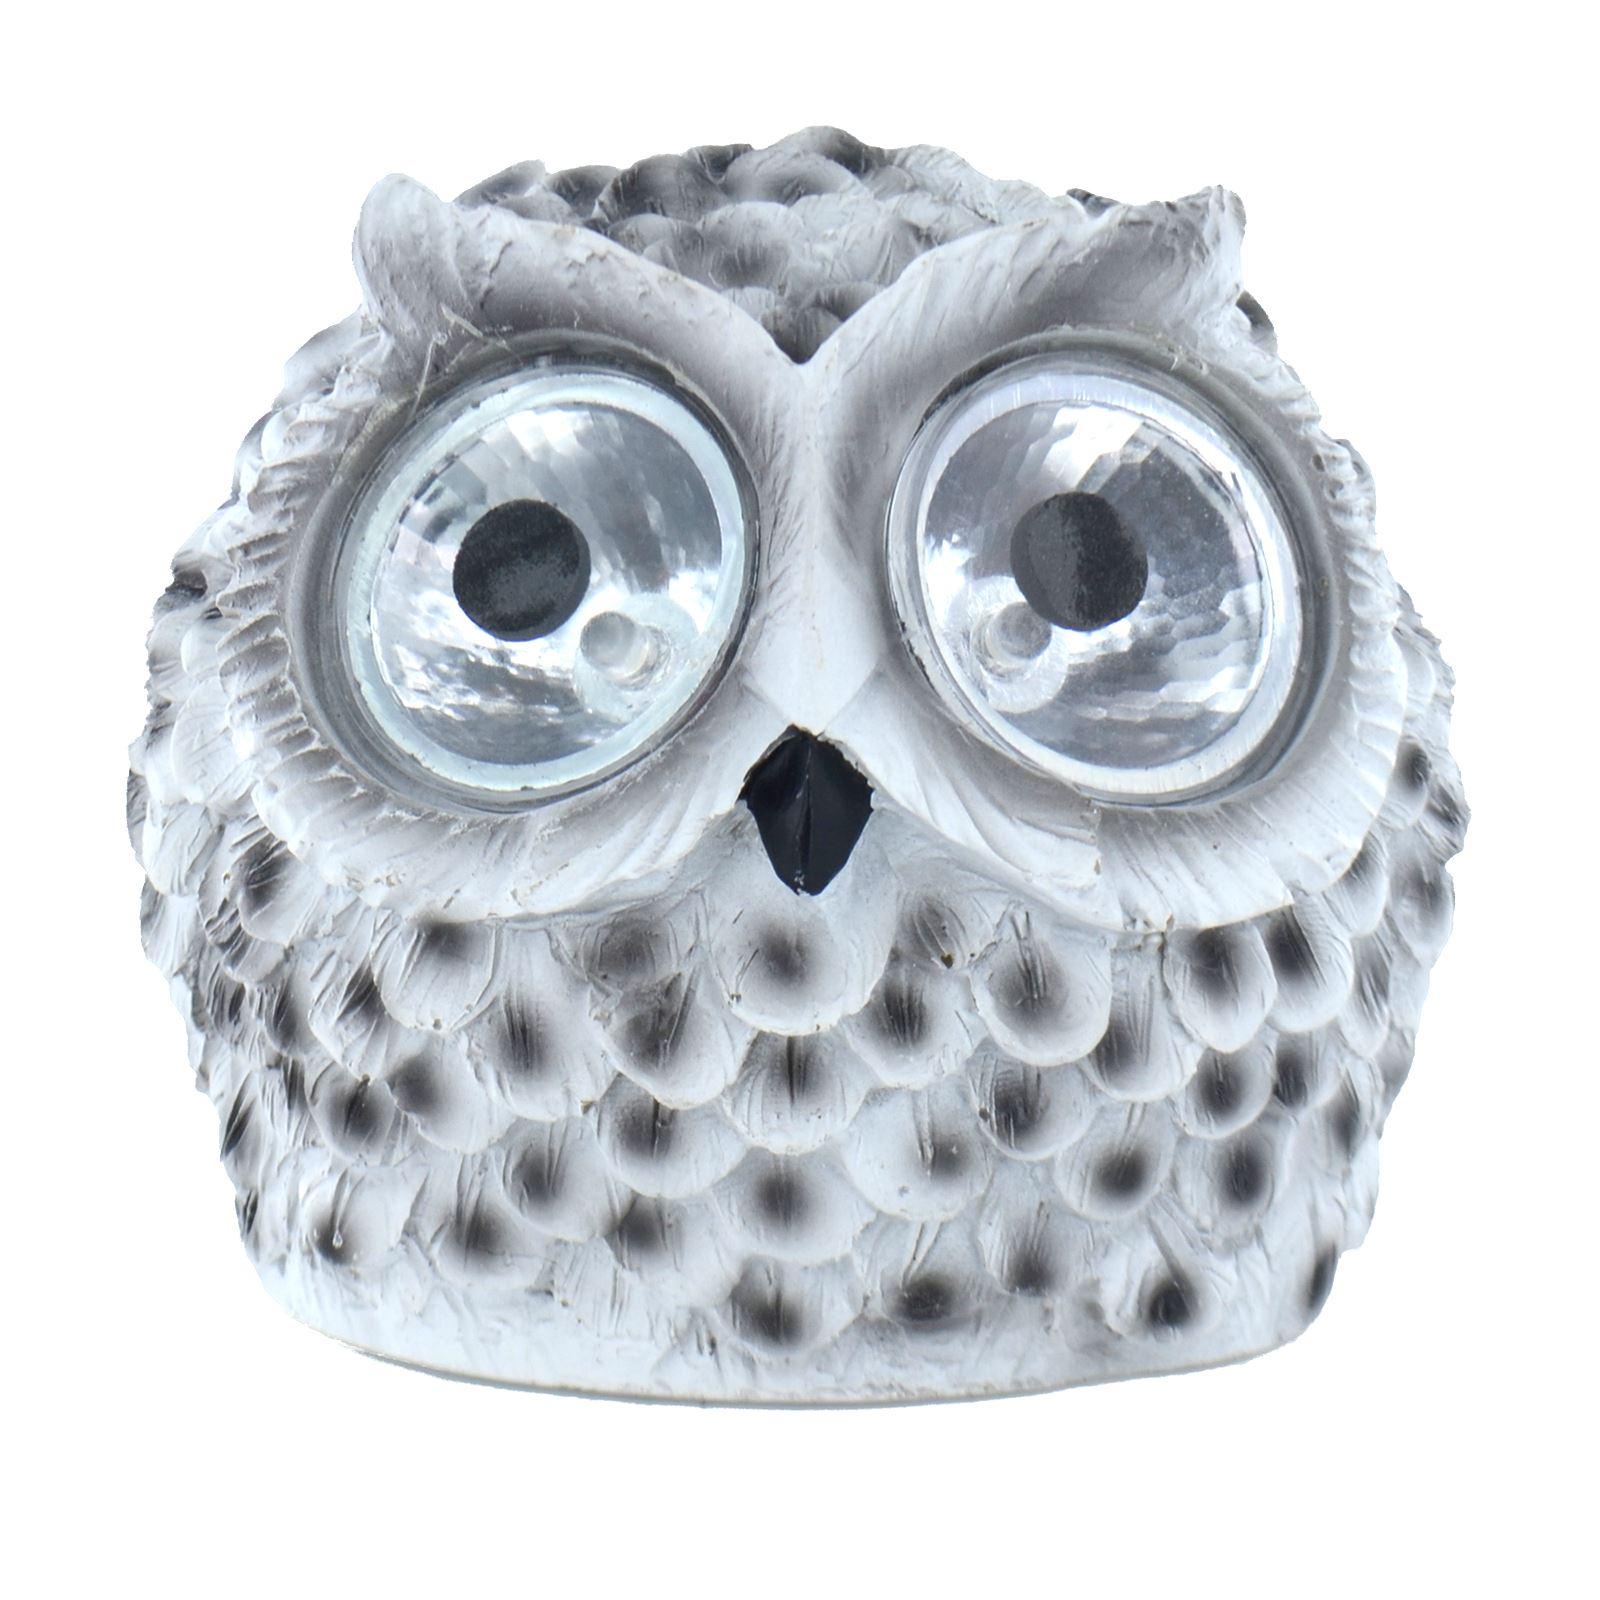 Novelty Solar Powered Owl LED Light Outdoor Garden Ornament Animal Lighting eBay